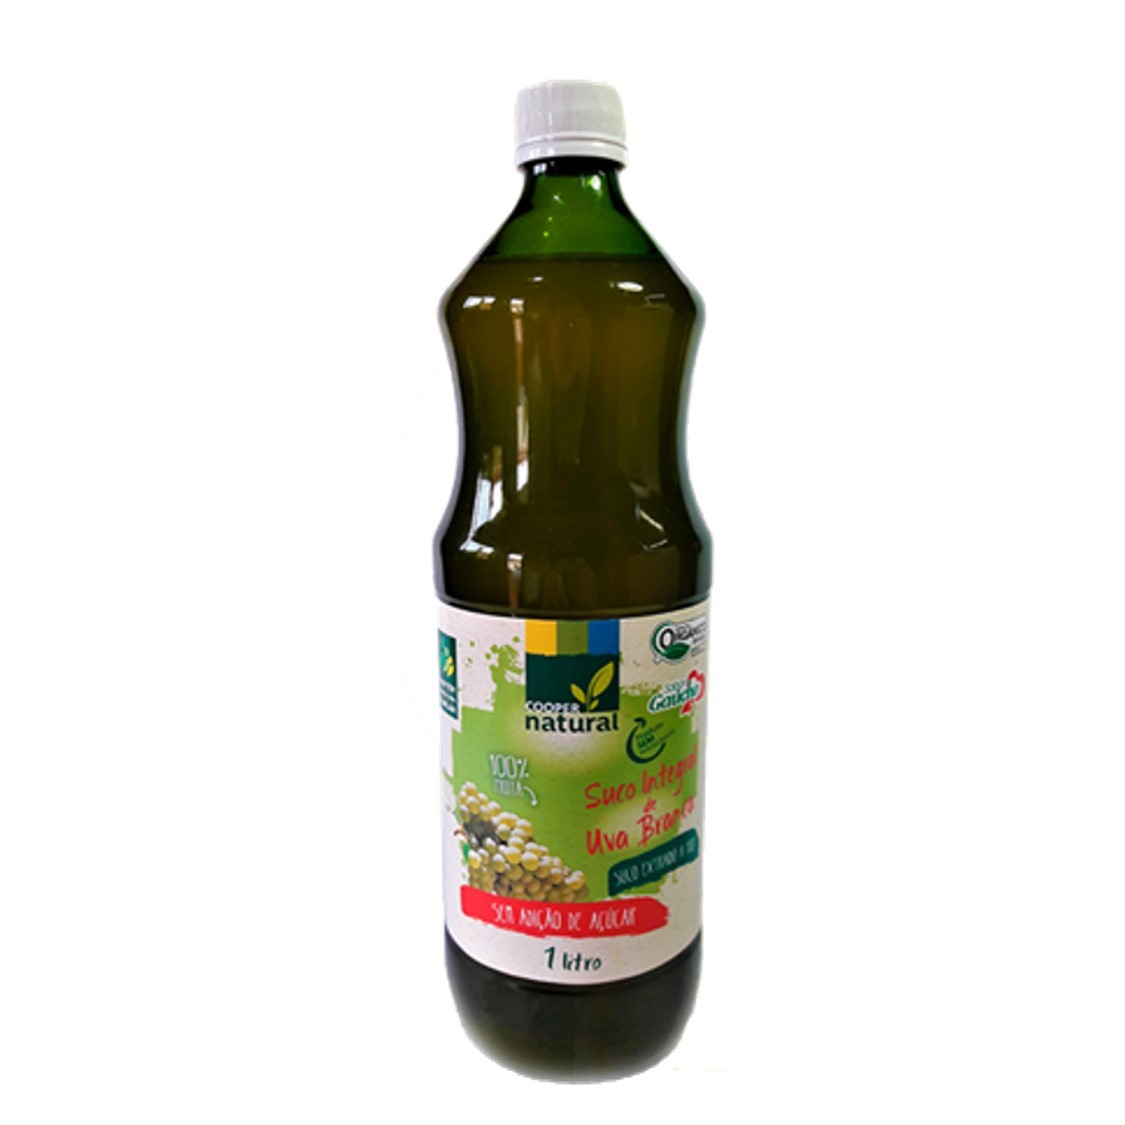 Suco de Uva Branca (1L) – Coopernatural